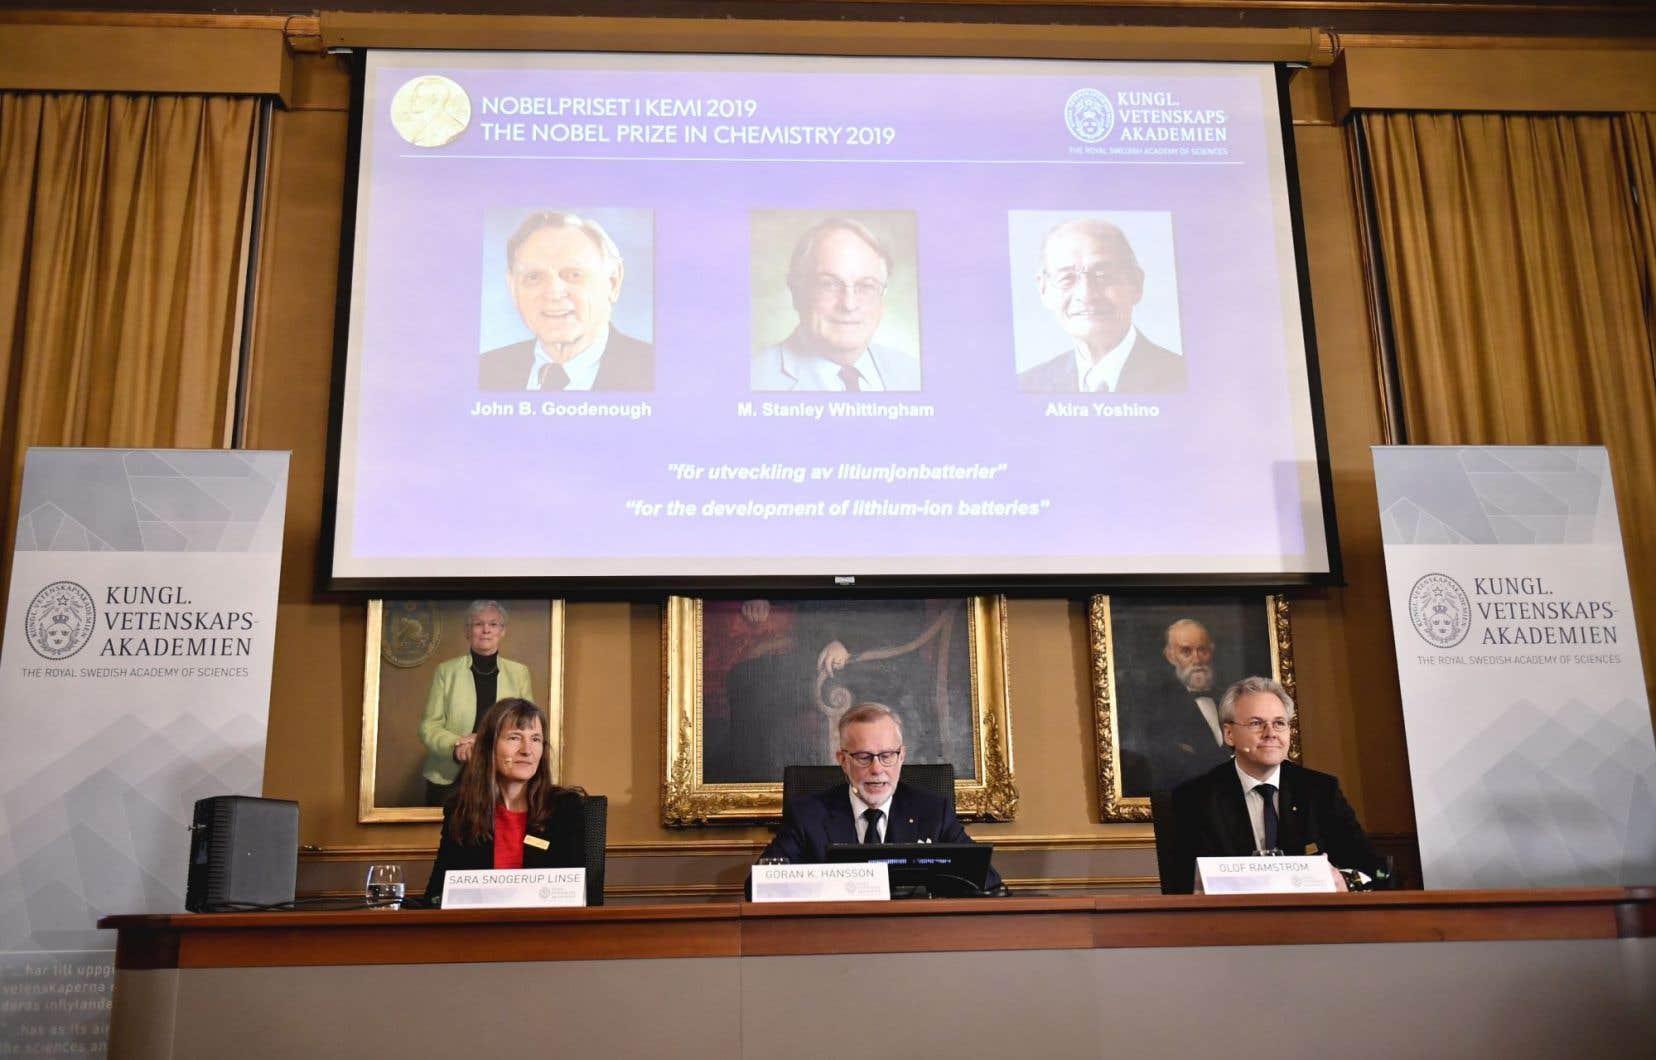 L'Américain John Goodenough, le Britannique Stanley Whittingham et le Japonais Akira Yoshino se partagent la récompense.